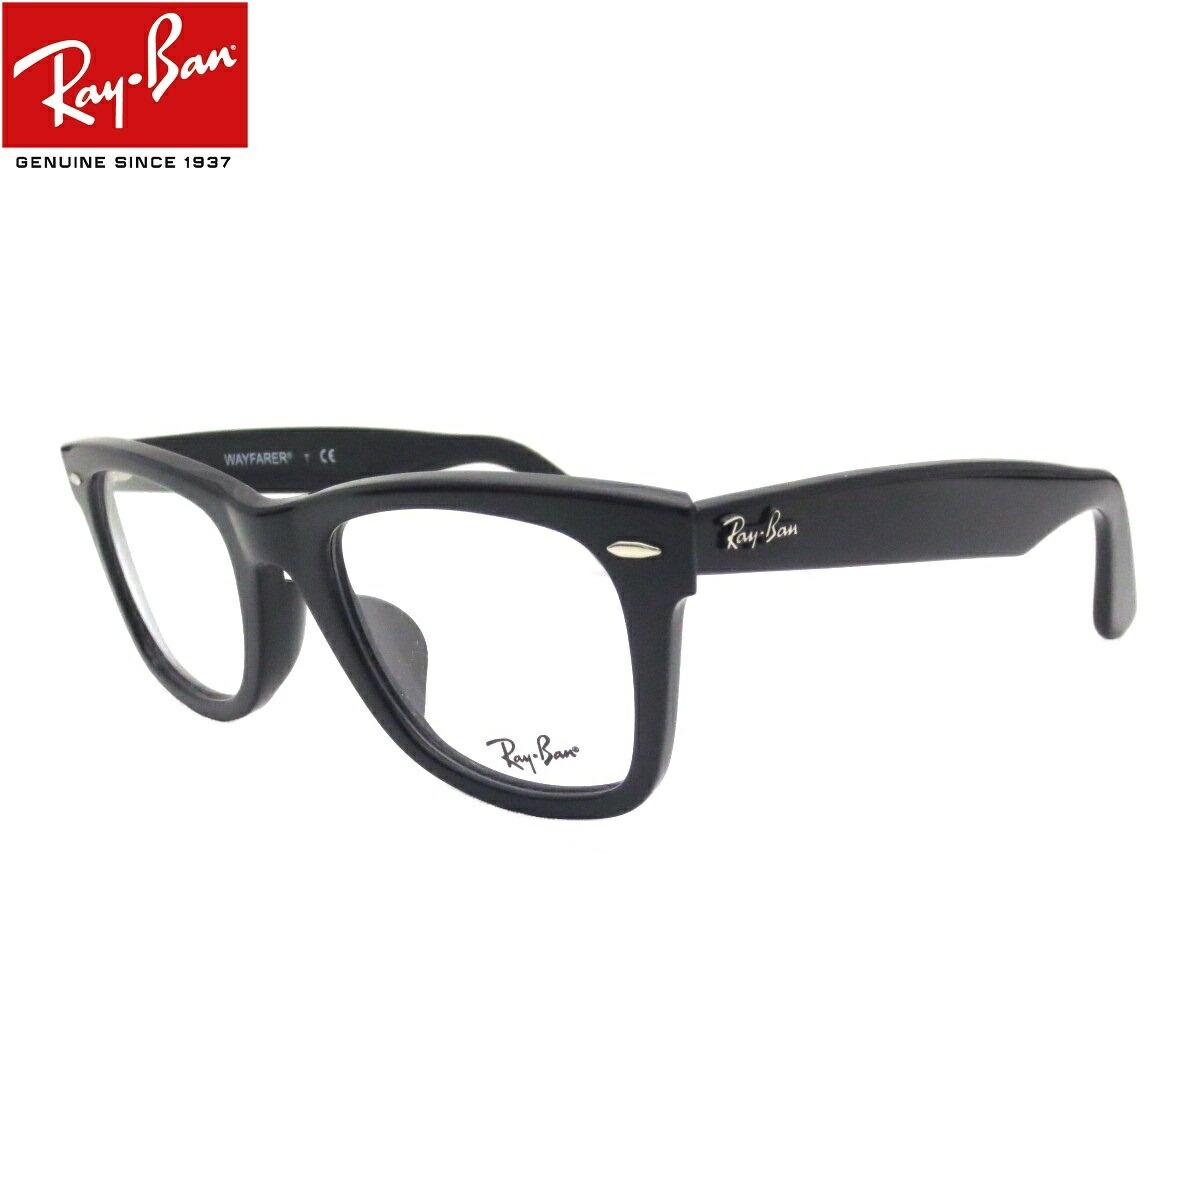 Ray-Ban(レイバン)RX5121Fと中屈折薄型標準レンズ付きセット!アイマックス価格